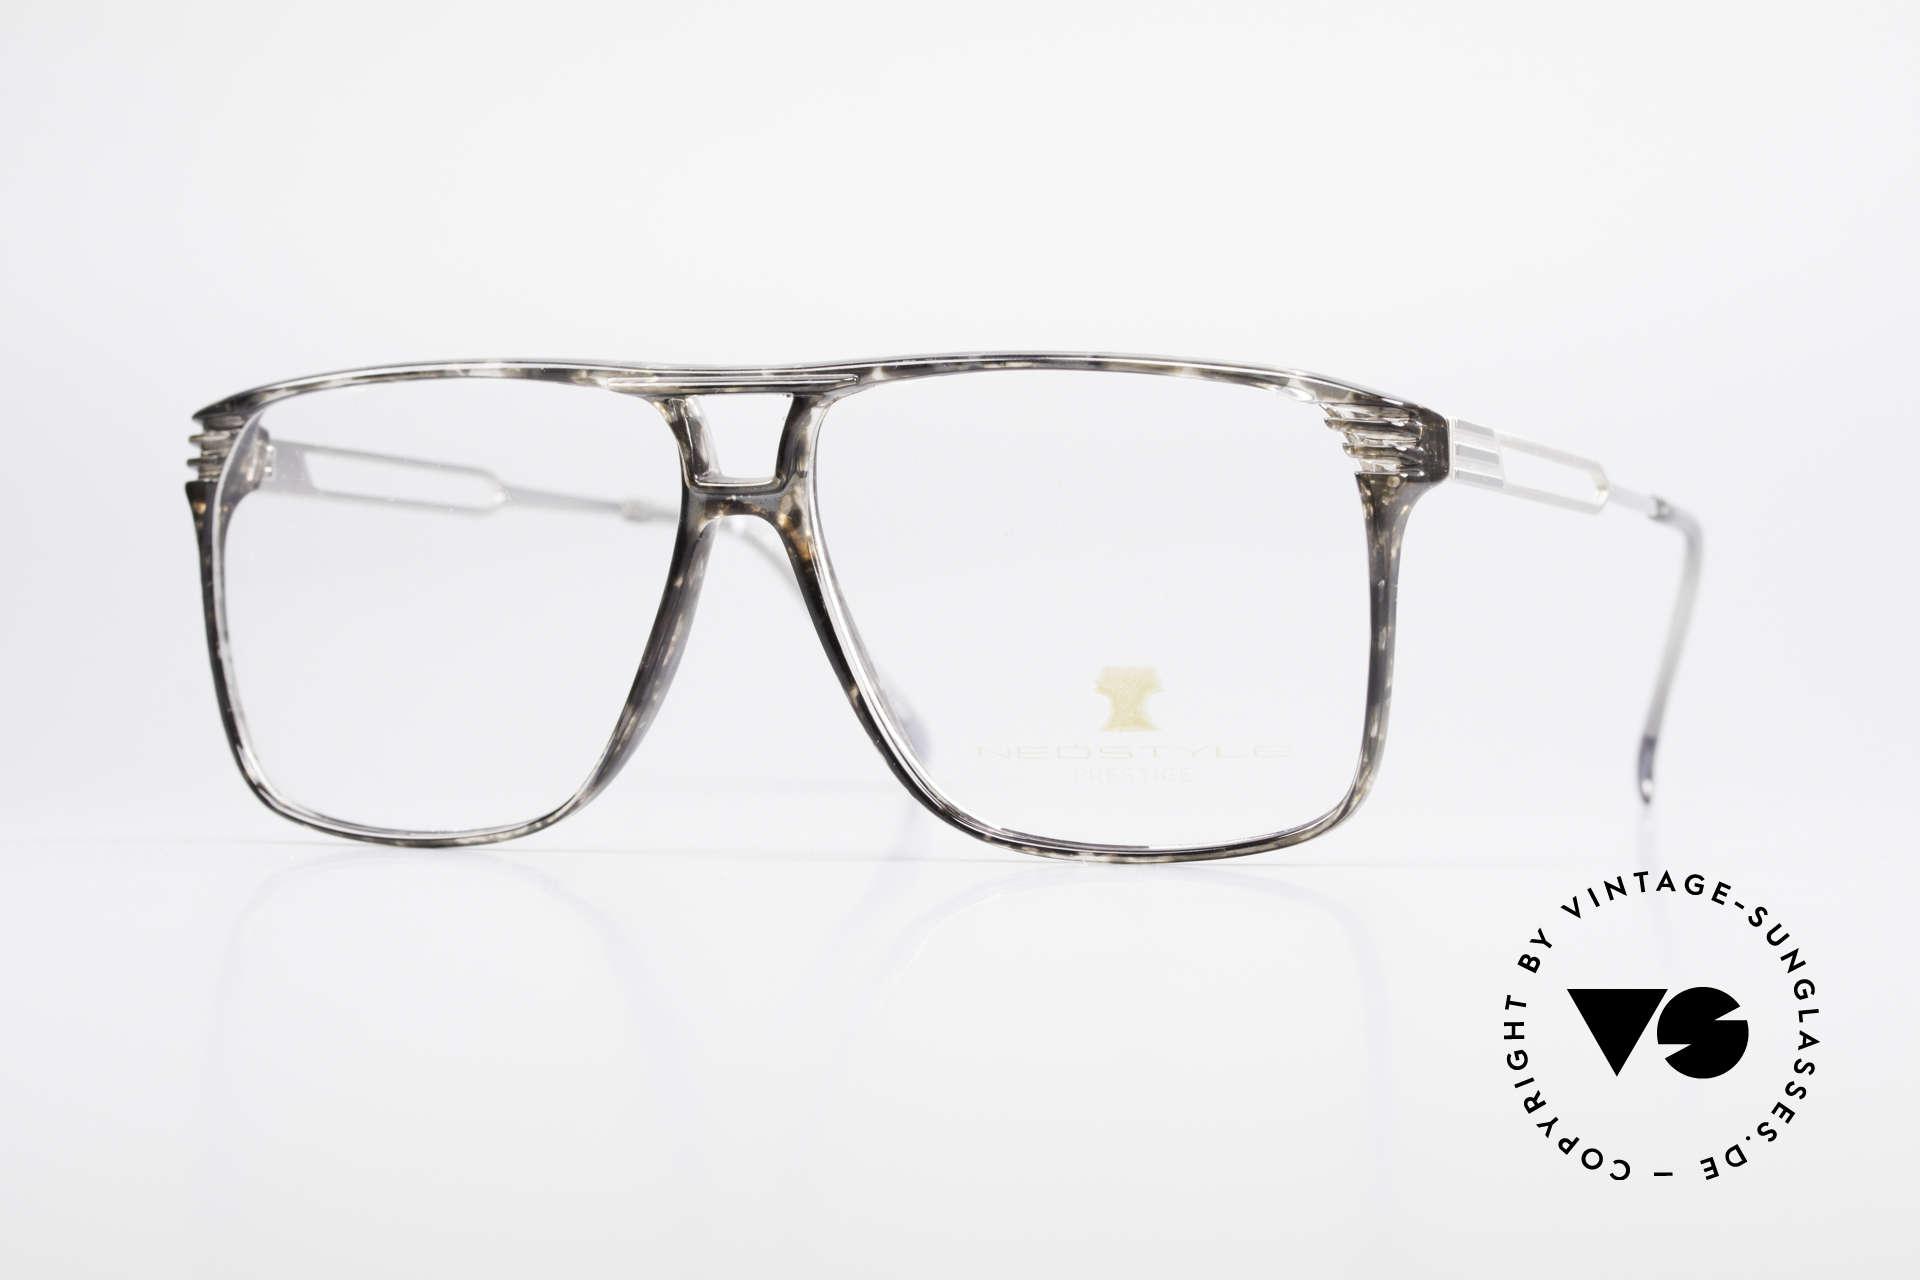 Neostyle Rotary Prestige 33 Titan Fassung 80er Brille, alte Neostyle Rotary Prestige TITAN vintage Brille, Passend für Herren